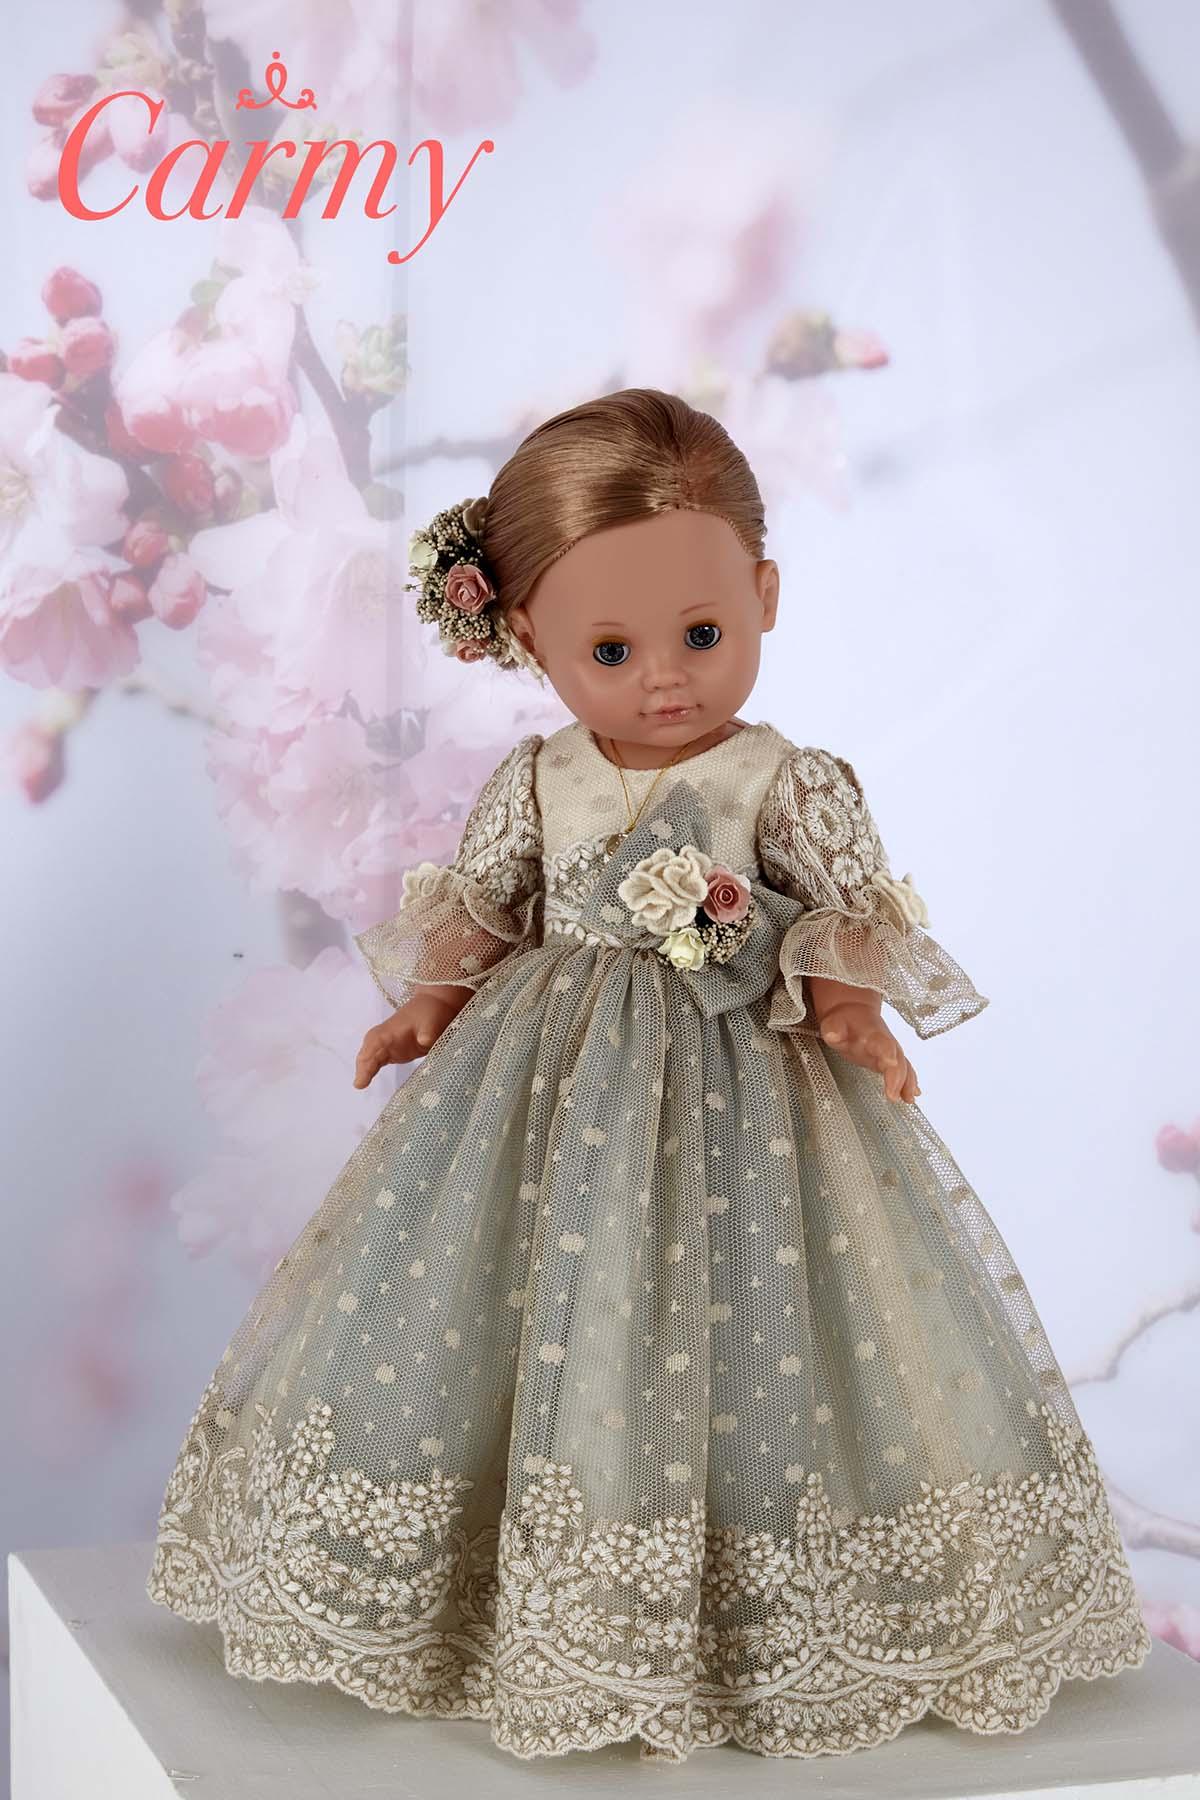 muñeca carmy